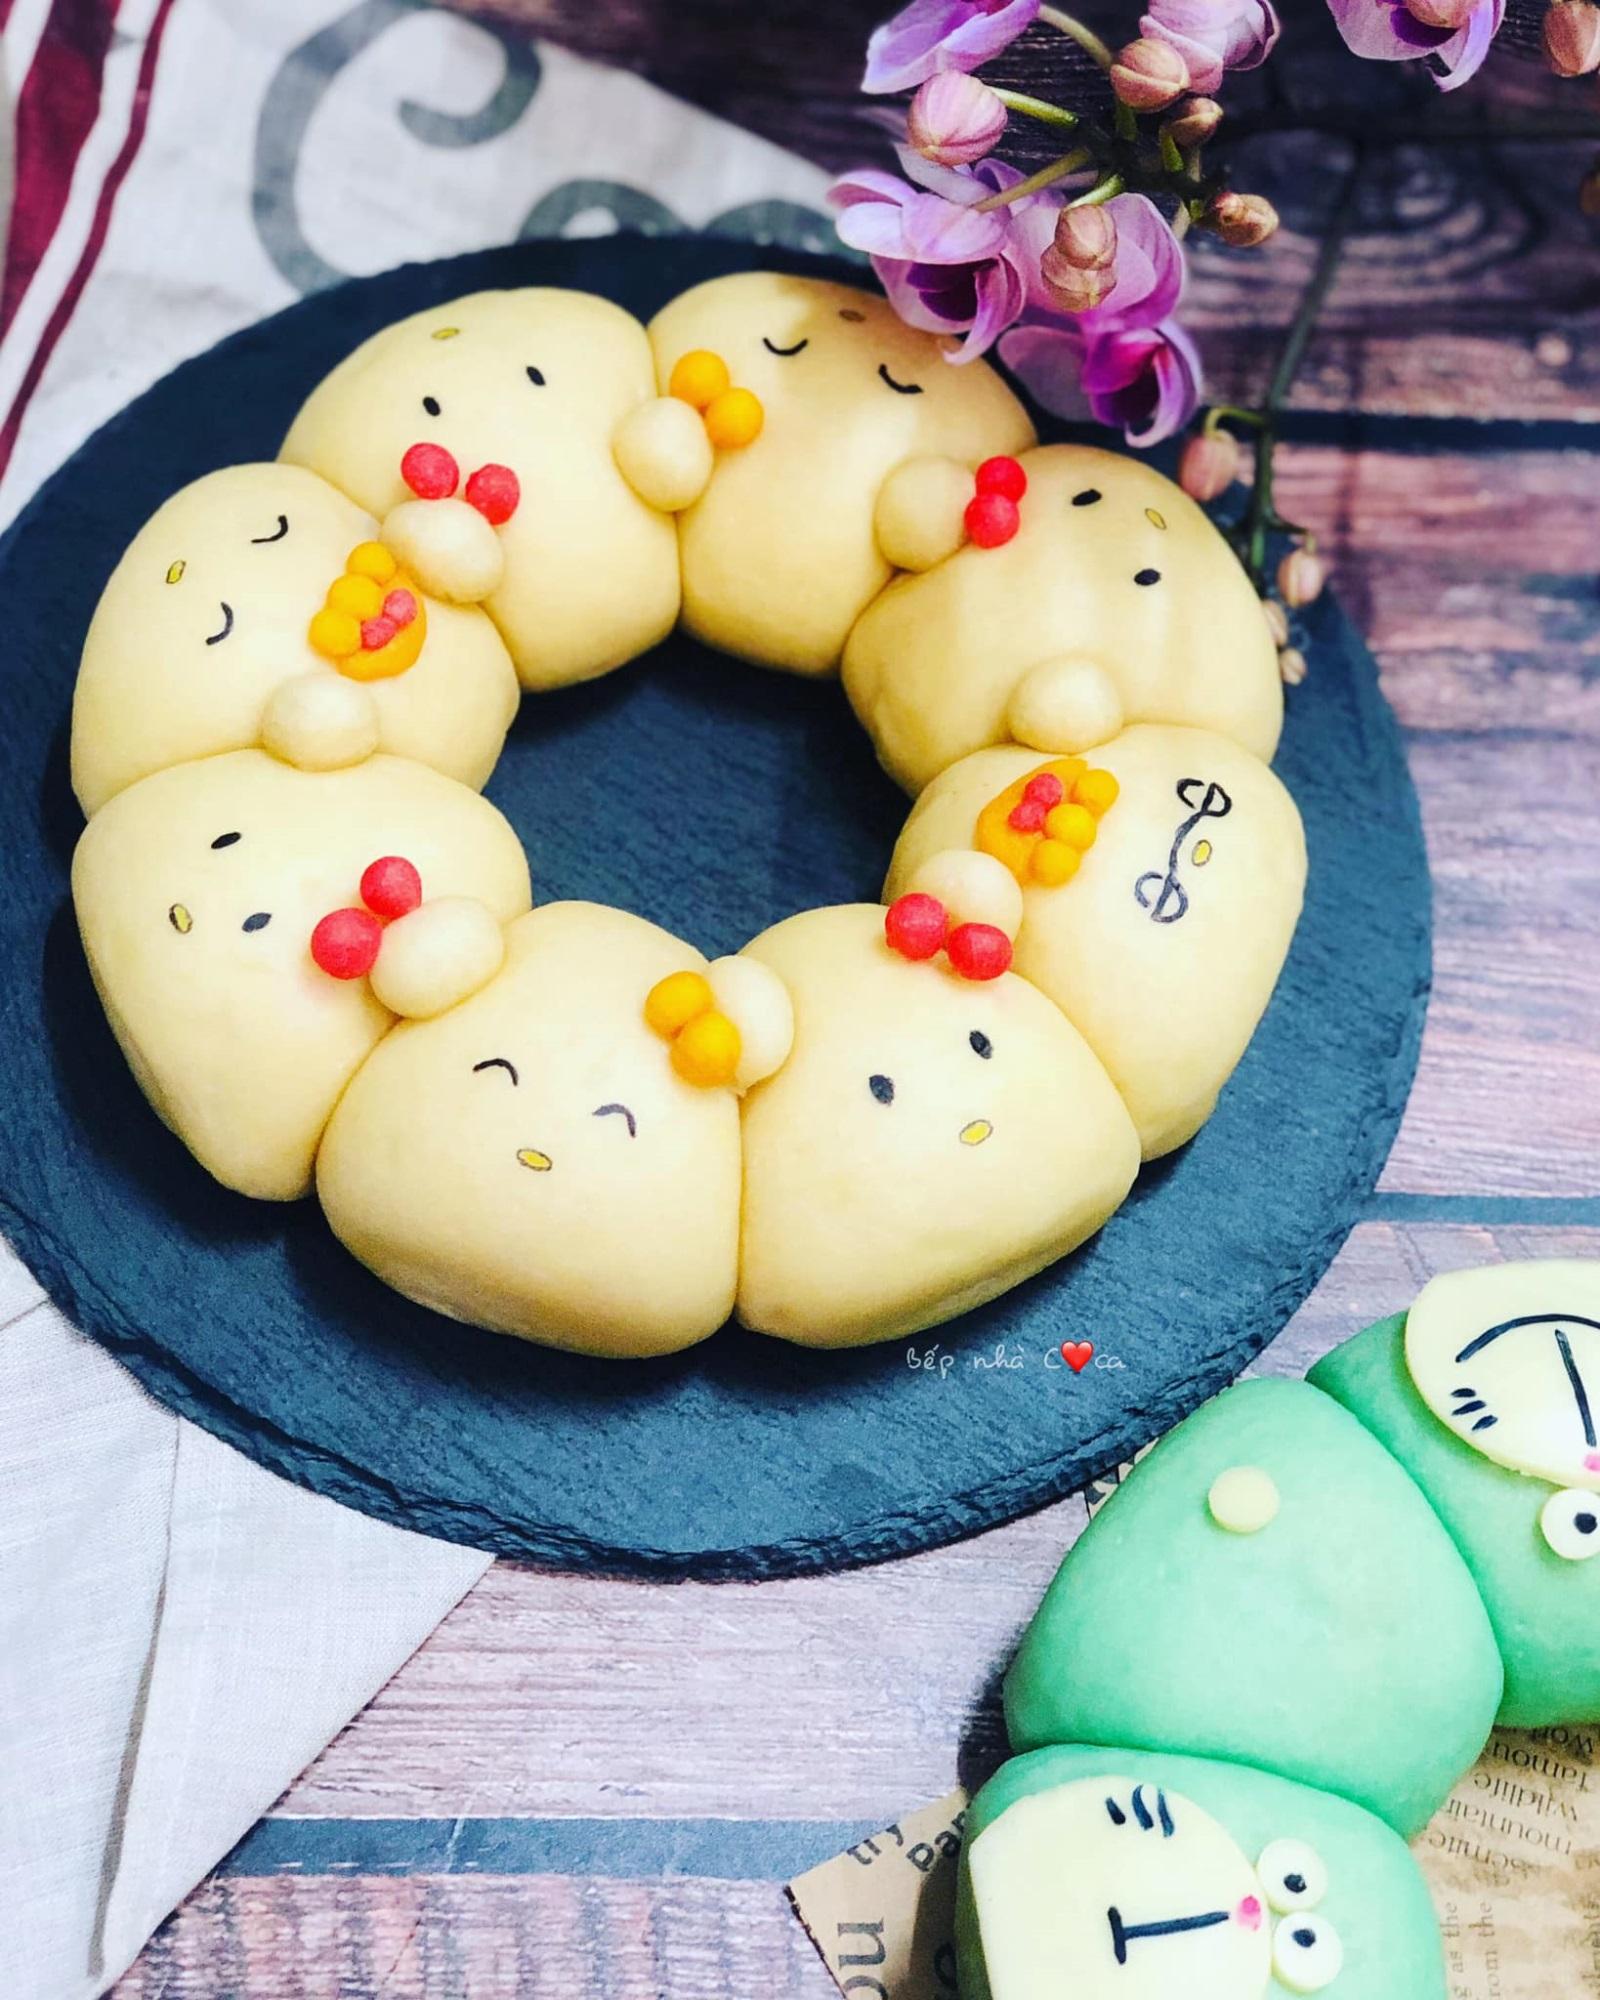 Mẹ đảm mách chị em cách làm bánh mỳ hoạt hình siêu cute khiến các bé mê tít - Ảnh 2